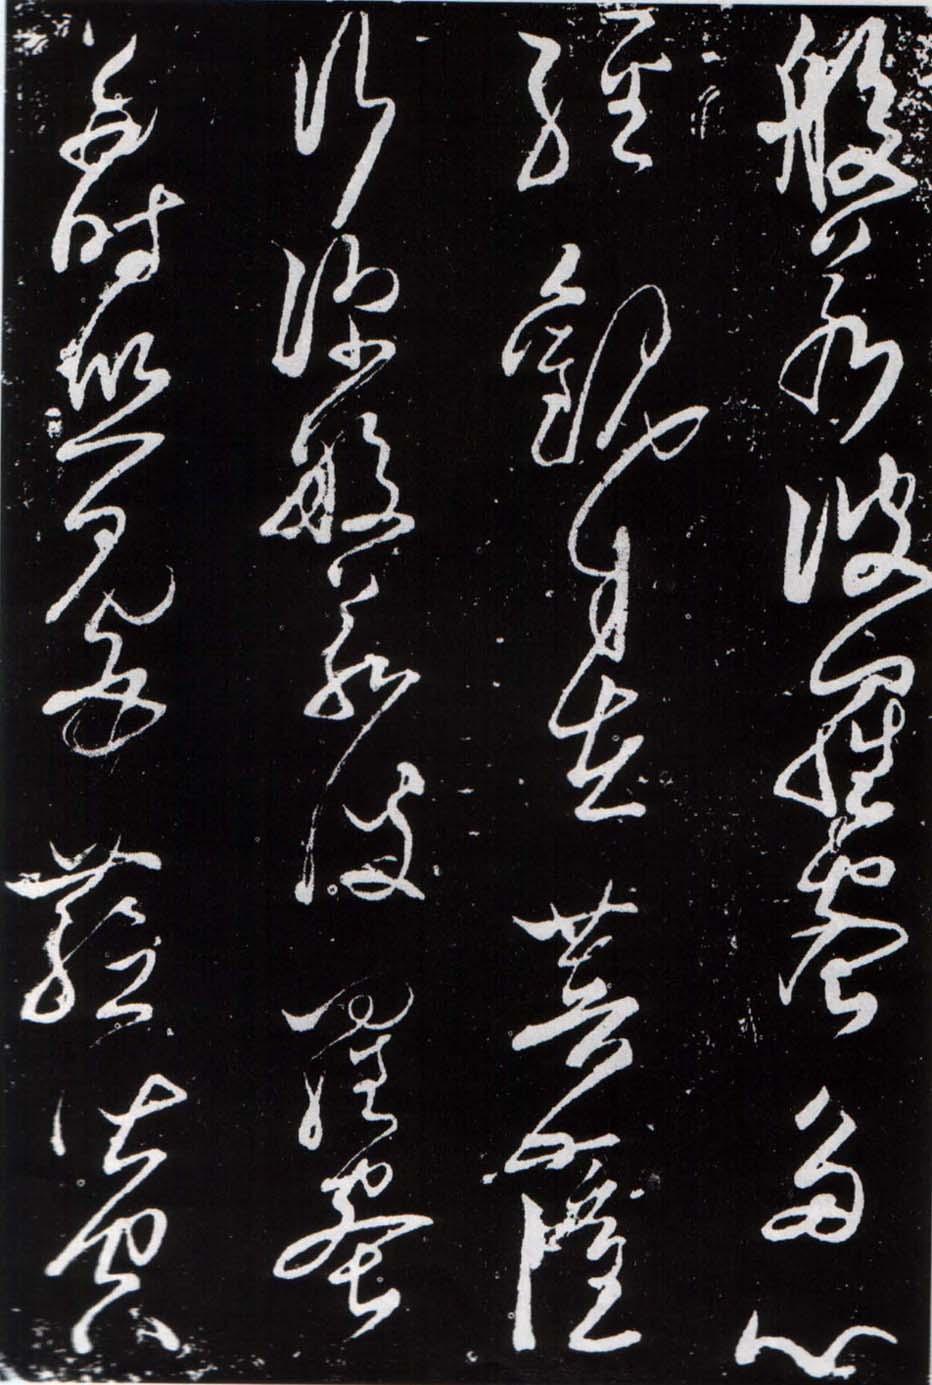 """Образец письма """"цао шу"""", китайские иероглифы"""